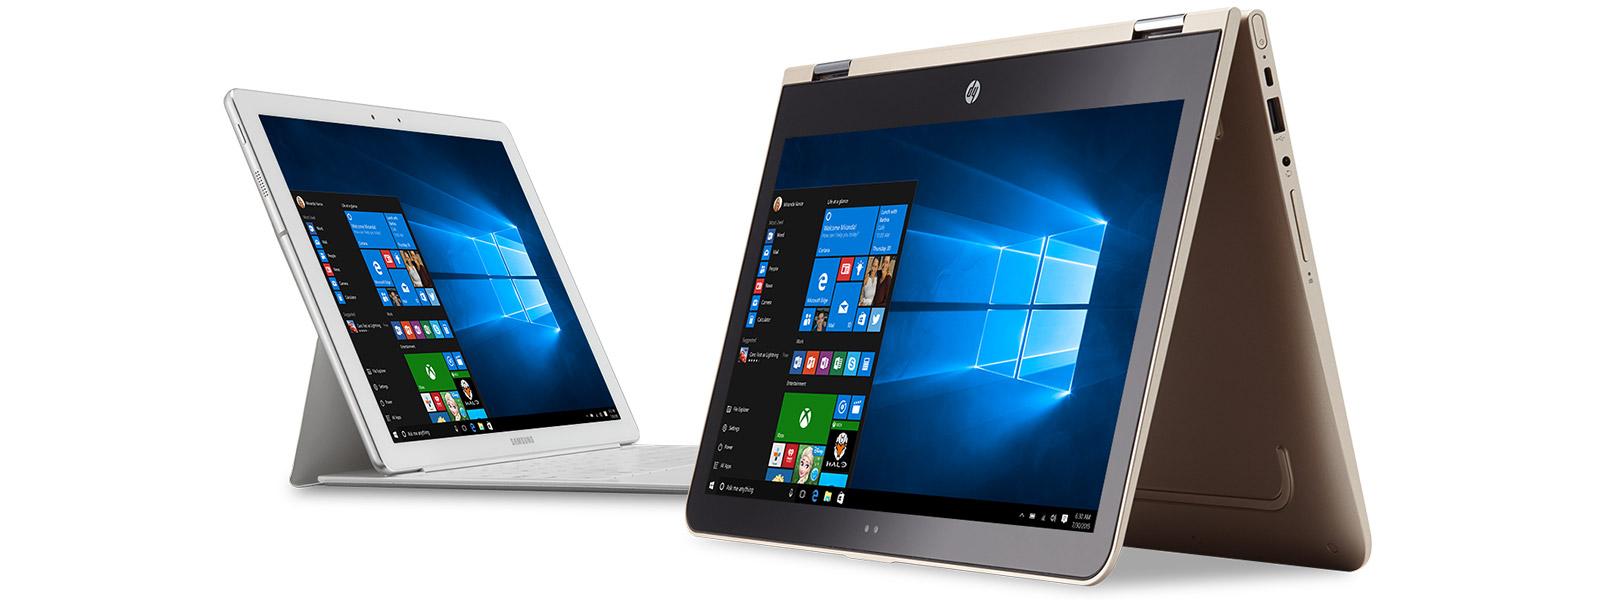 Windows başlat menüsüyle Microsoft cihazları